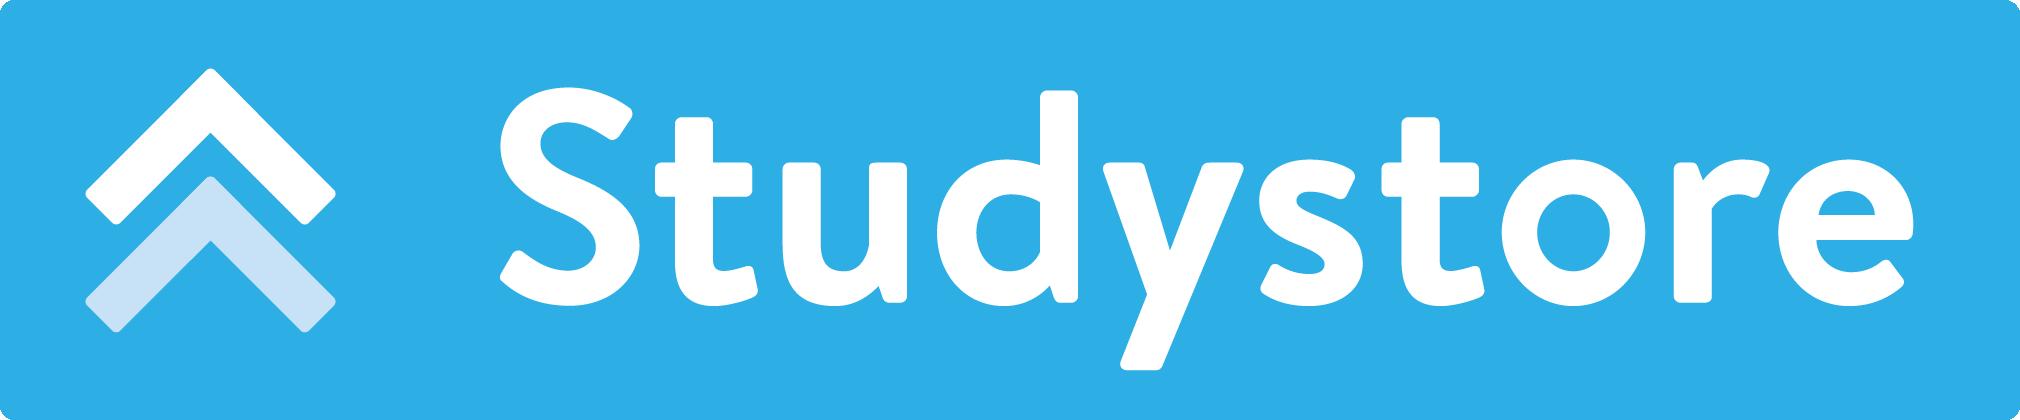 Afbeeldingsresultaat voor studystore logo